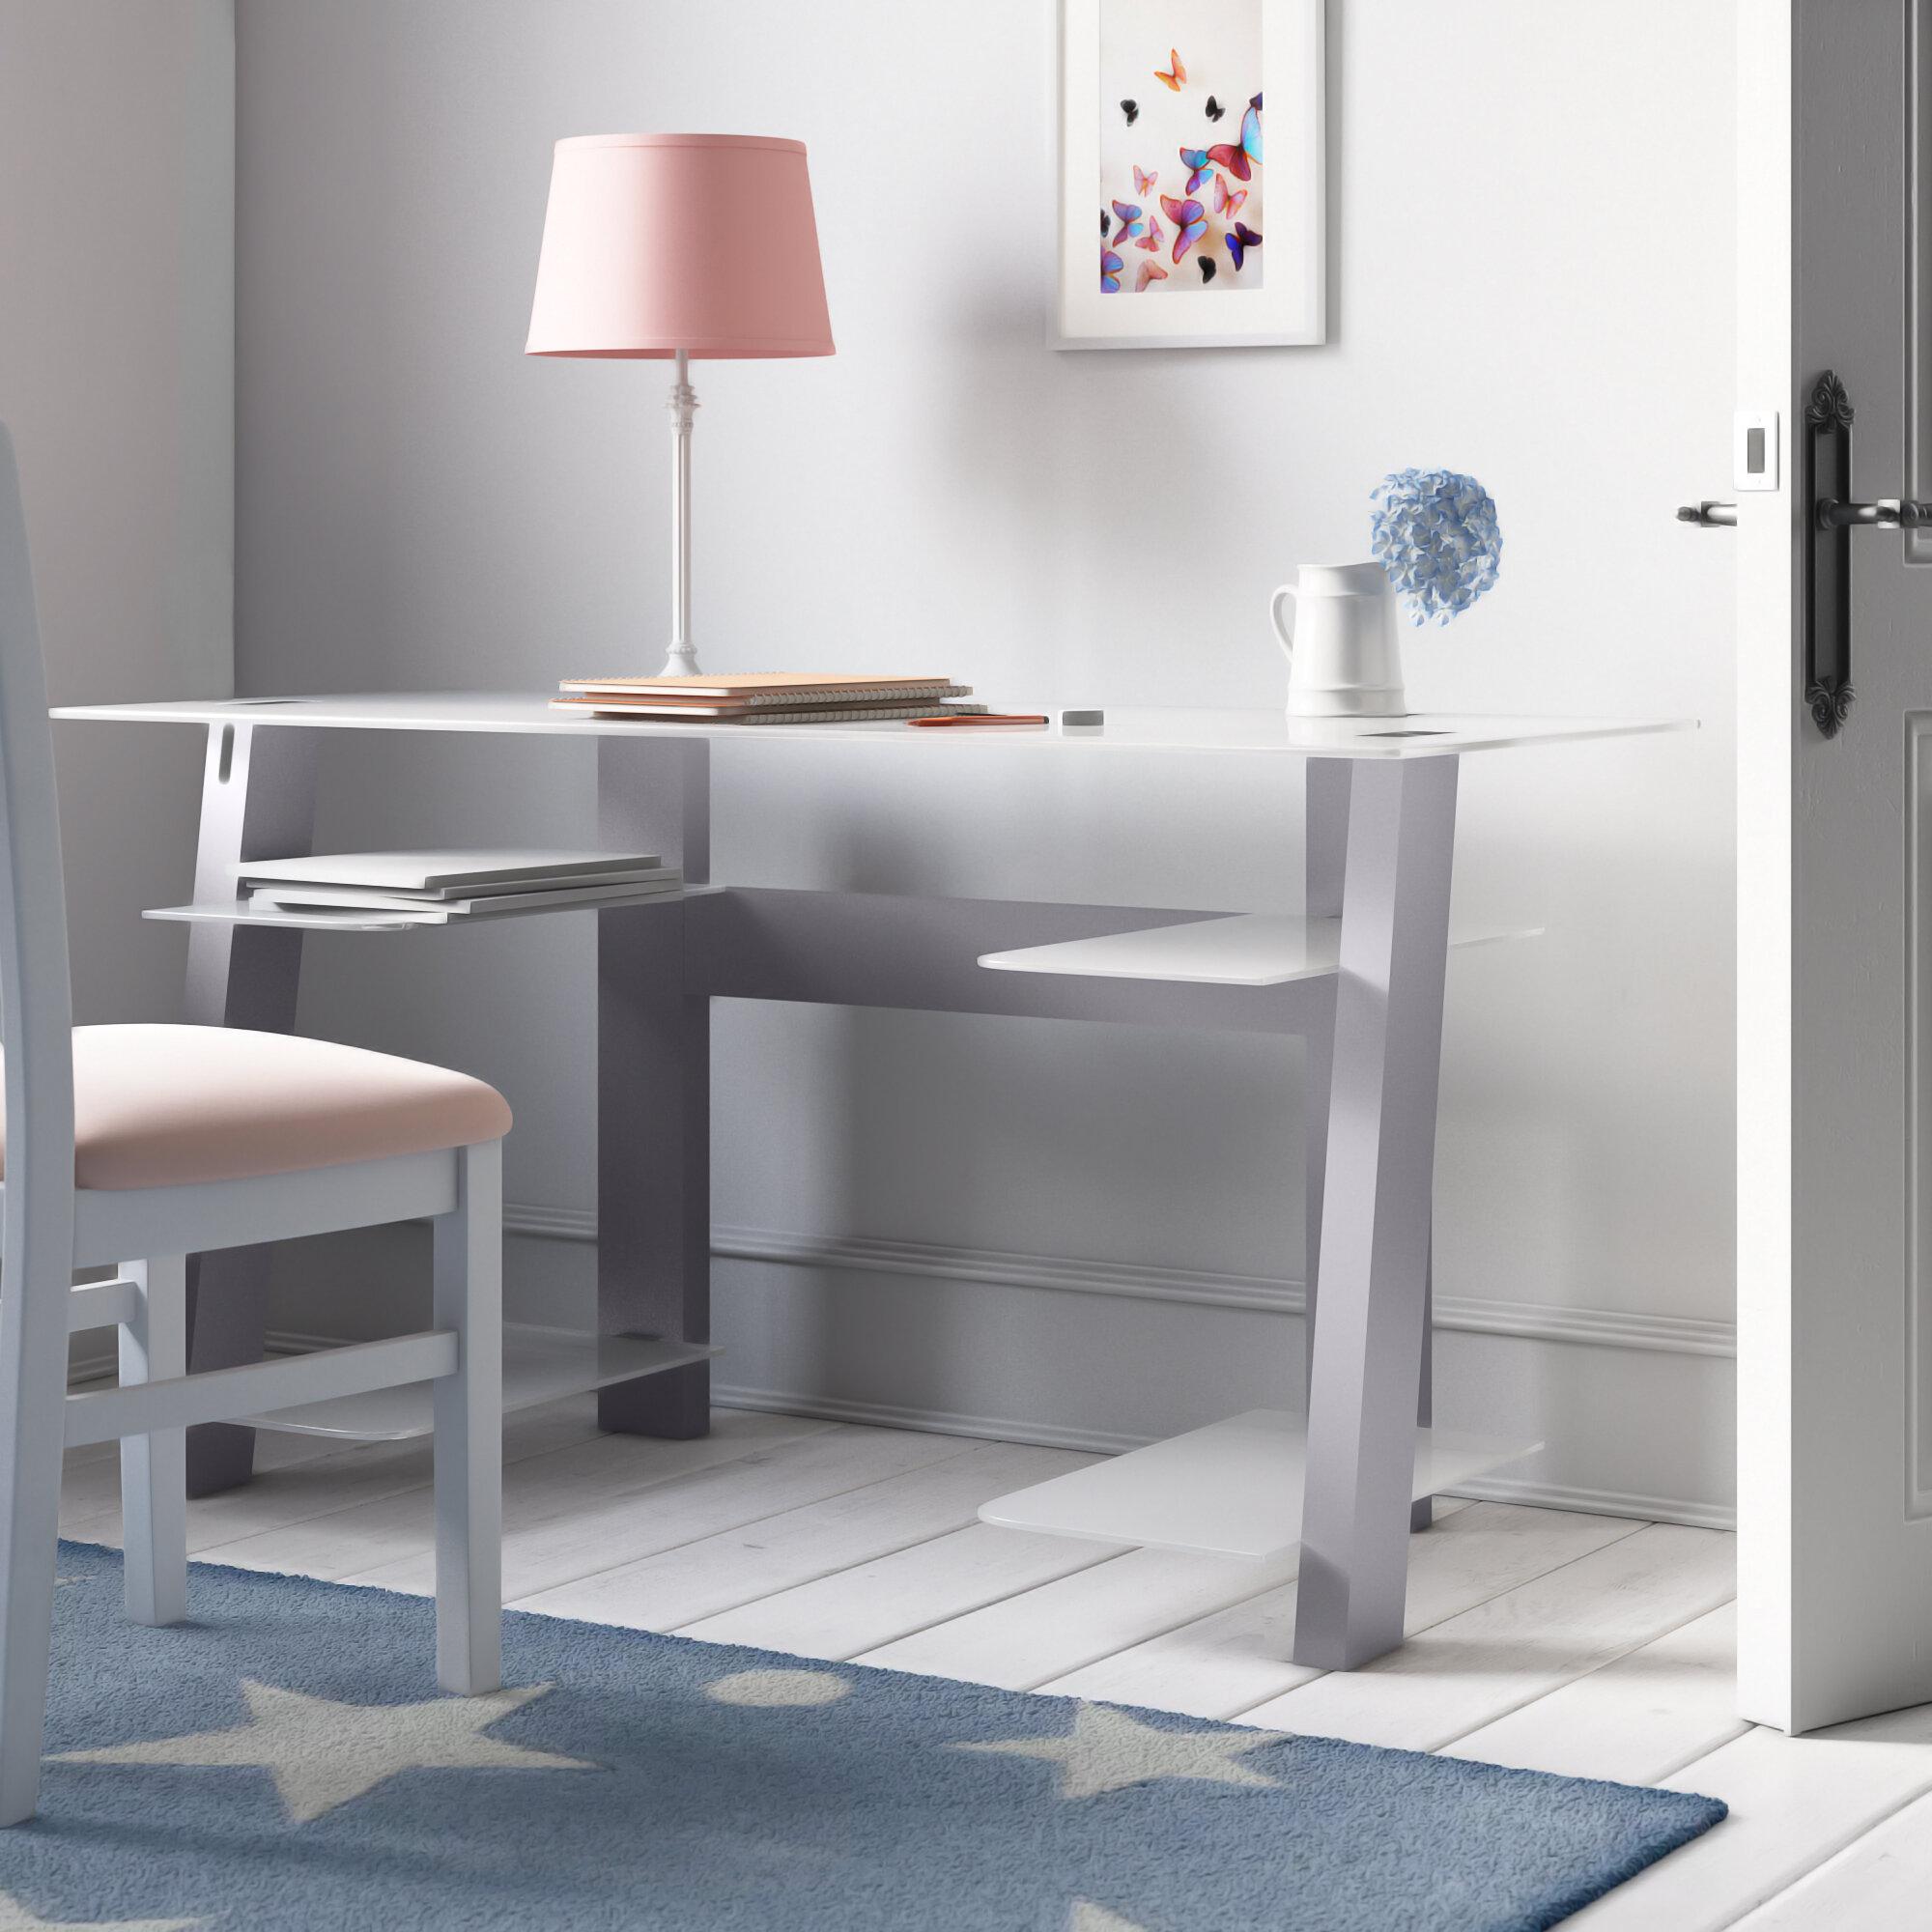 Schreibtisch Ins Wohnzimmer Integrieren – Caseconrad